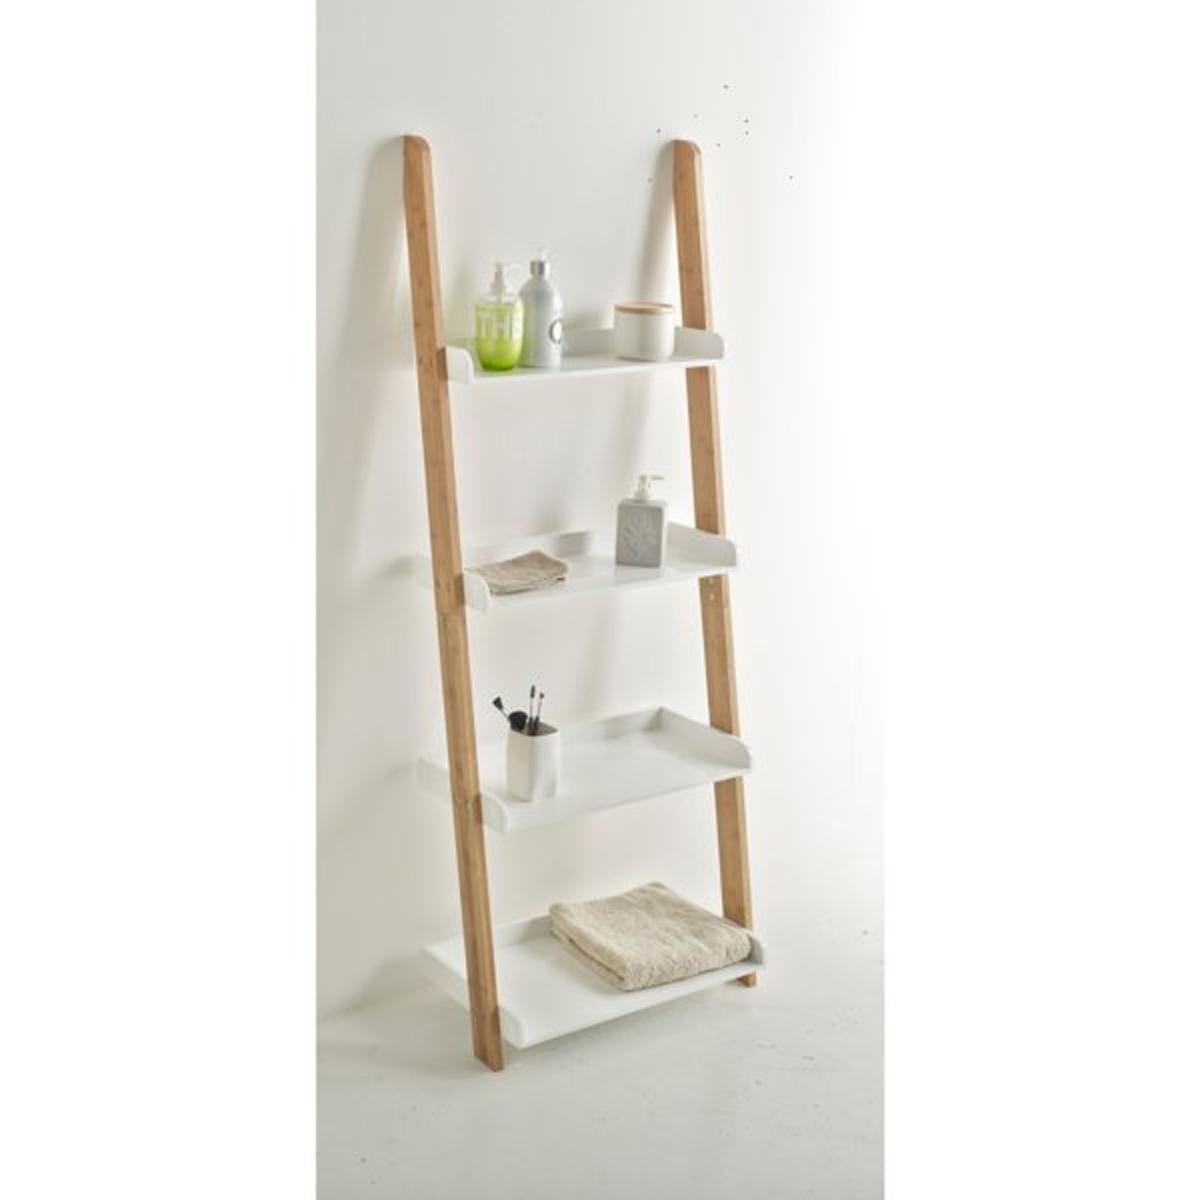 Этажерка La Redoute С полками для ванной комнаты из бамбука LINDUS единый размер белый этажерка la redoute с полками remia единый размер белый